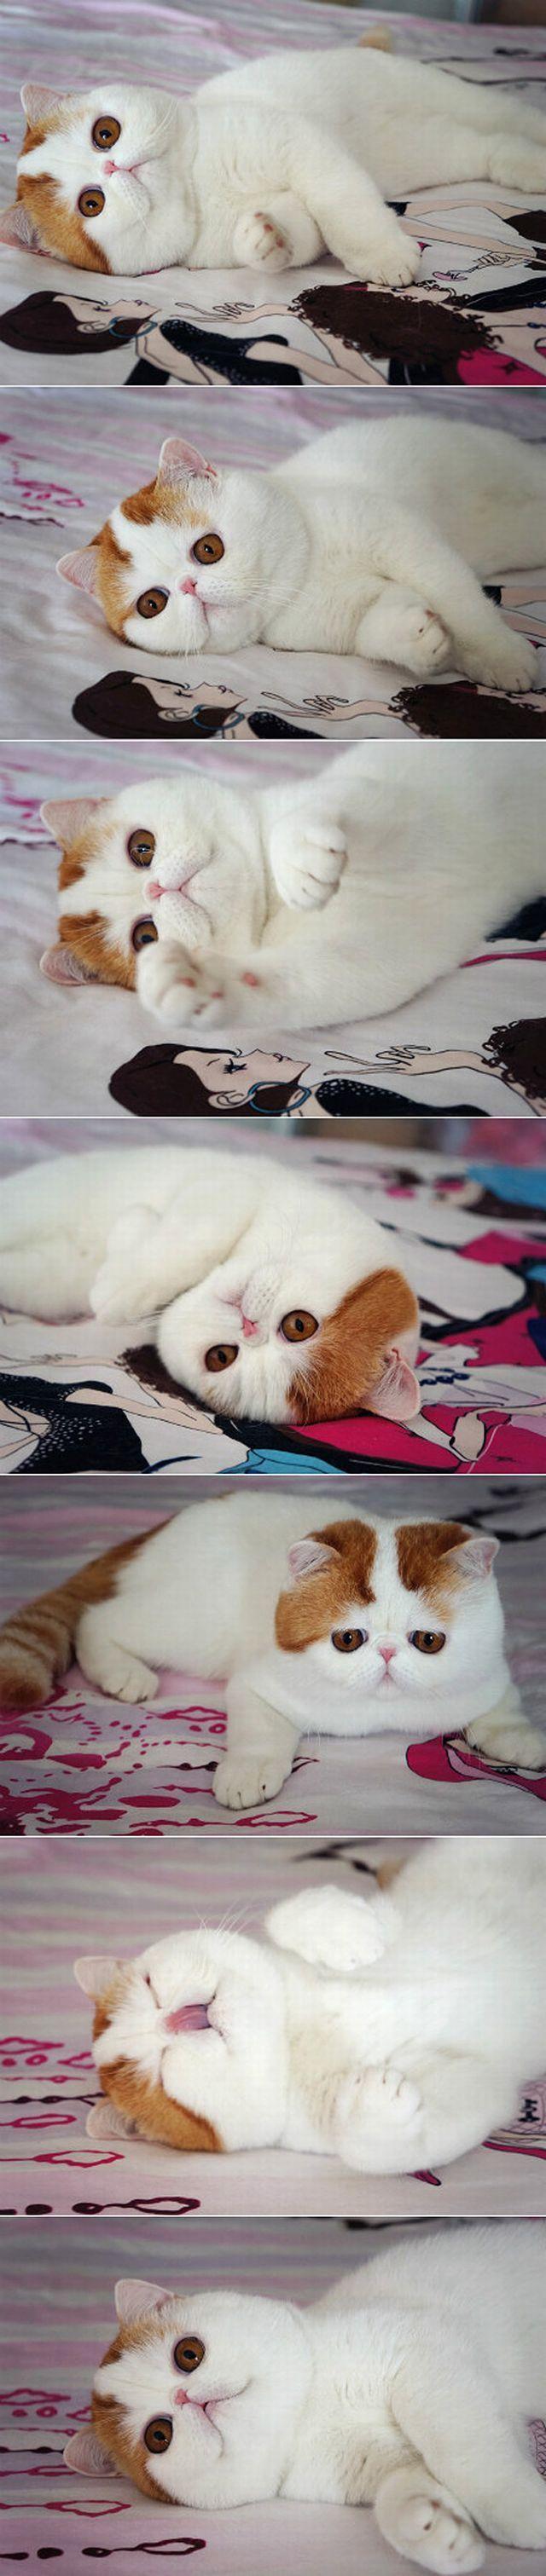 Фотоприкол онлайн выражение лица, кот, на кровати, необычный